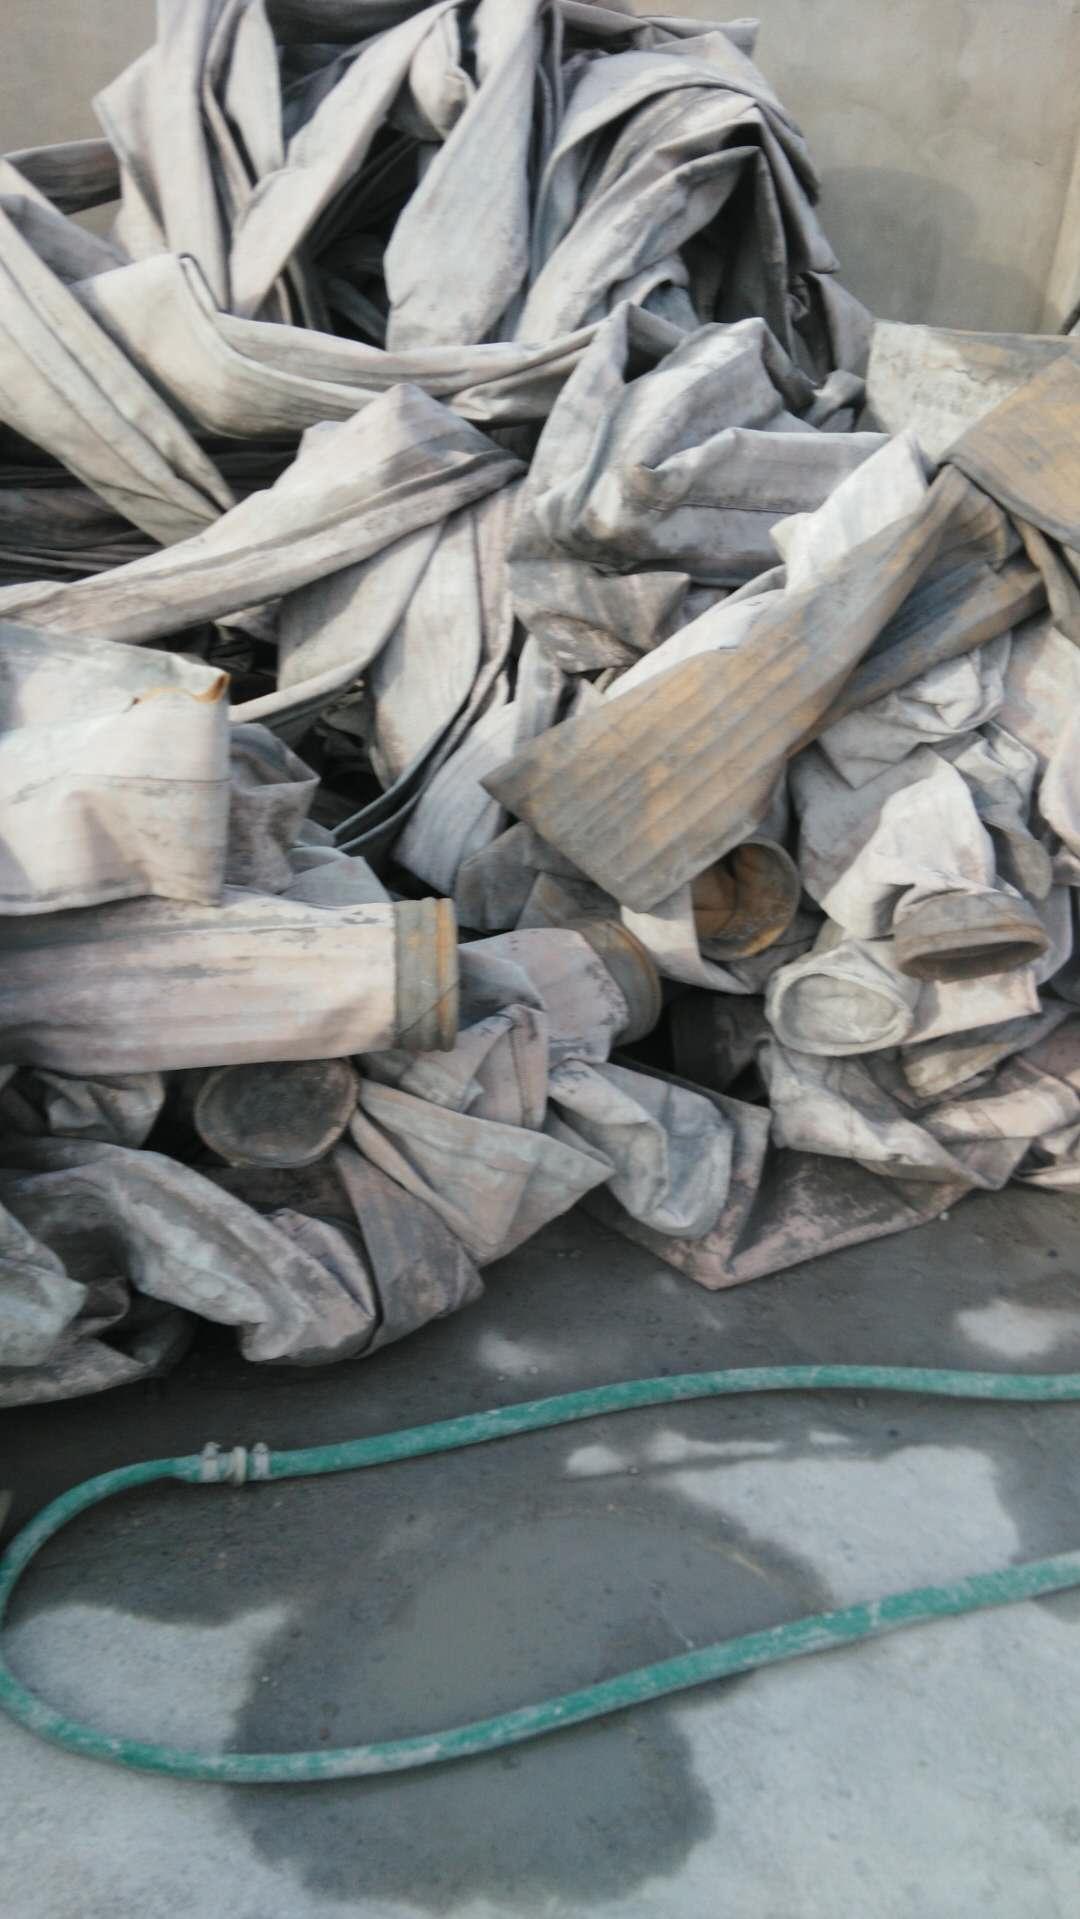 废旧除尘滤袋回收